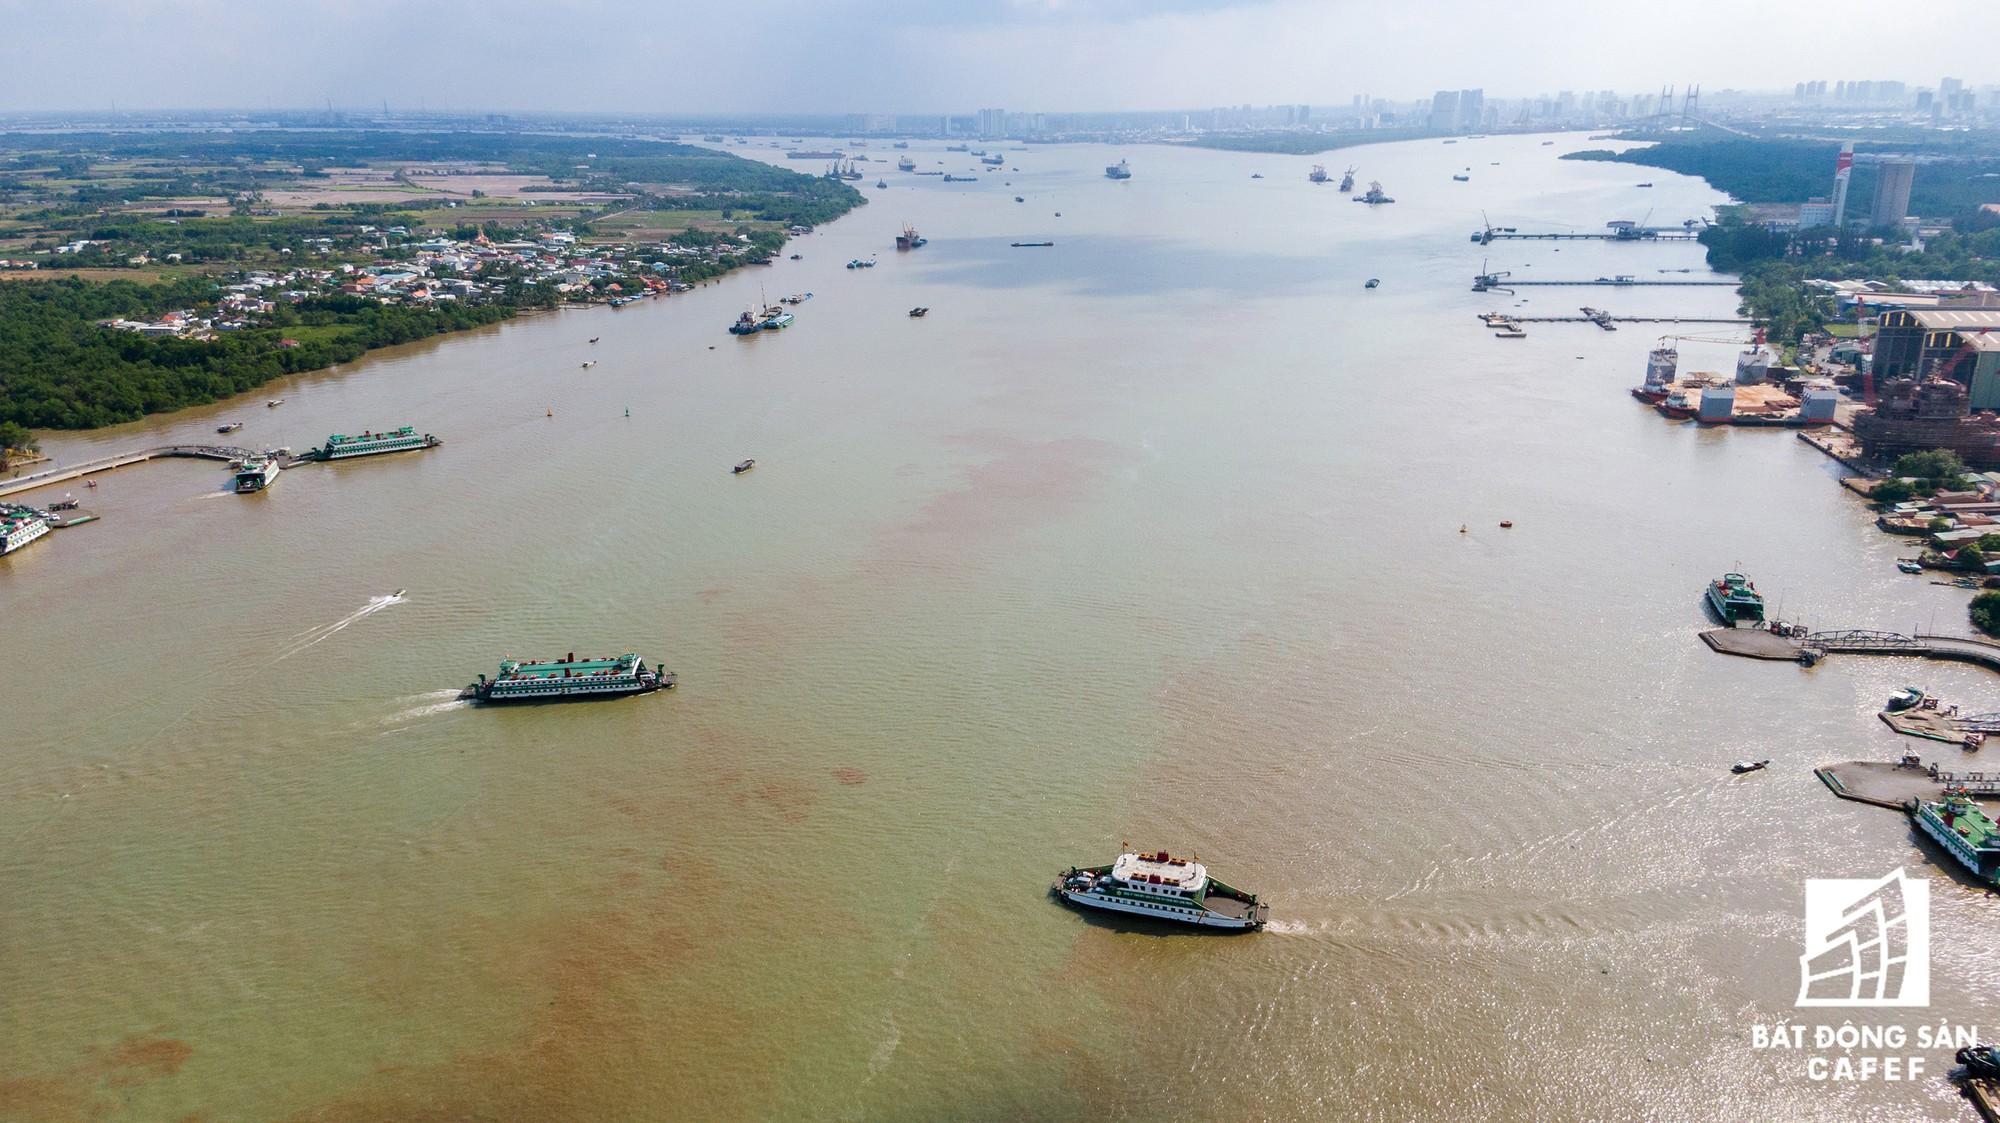 Đồng Nai chốt phương án xây cầu Cát Lái nối Nhơn Trạch và TP.HCM, bức tranh thị trường bất động sản thay đổi chóng mặt - Ảnh 5.